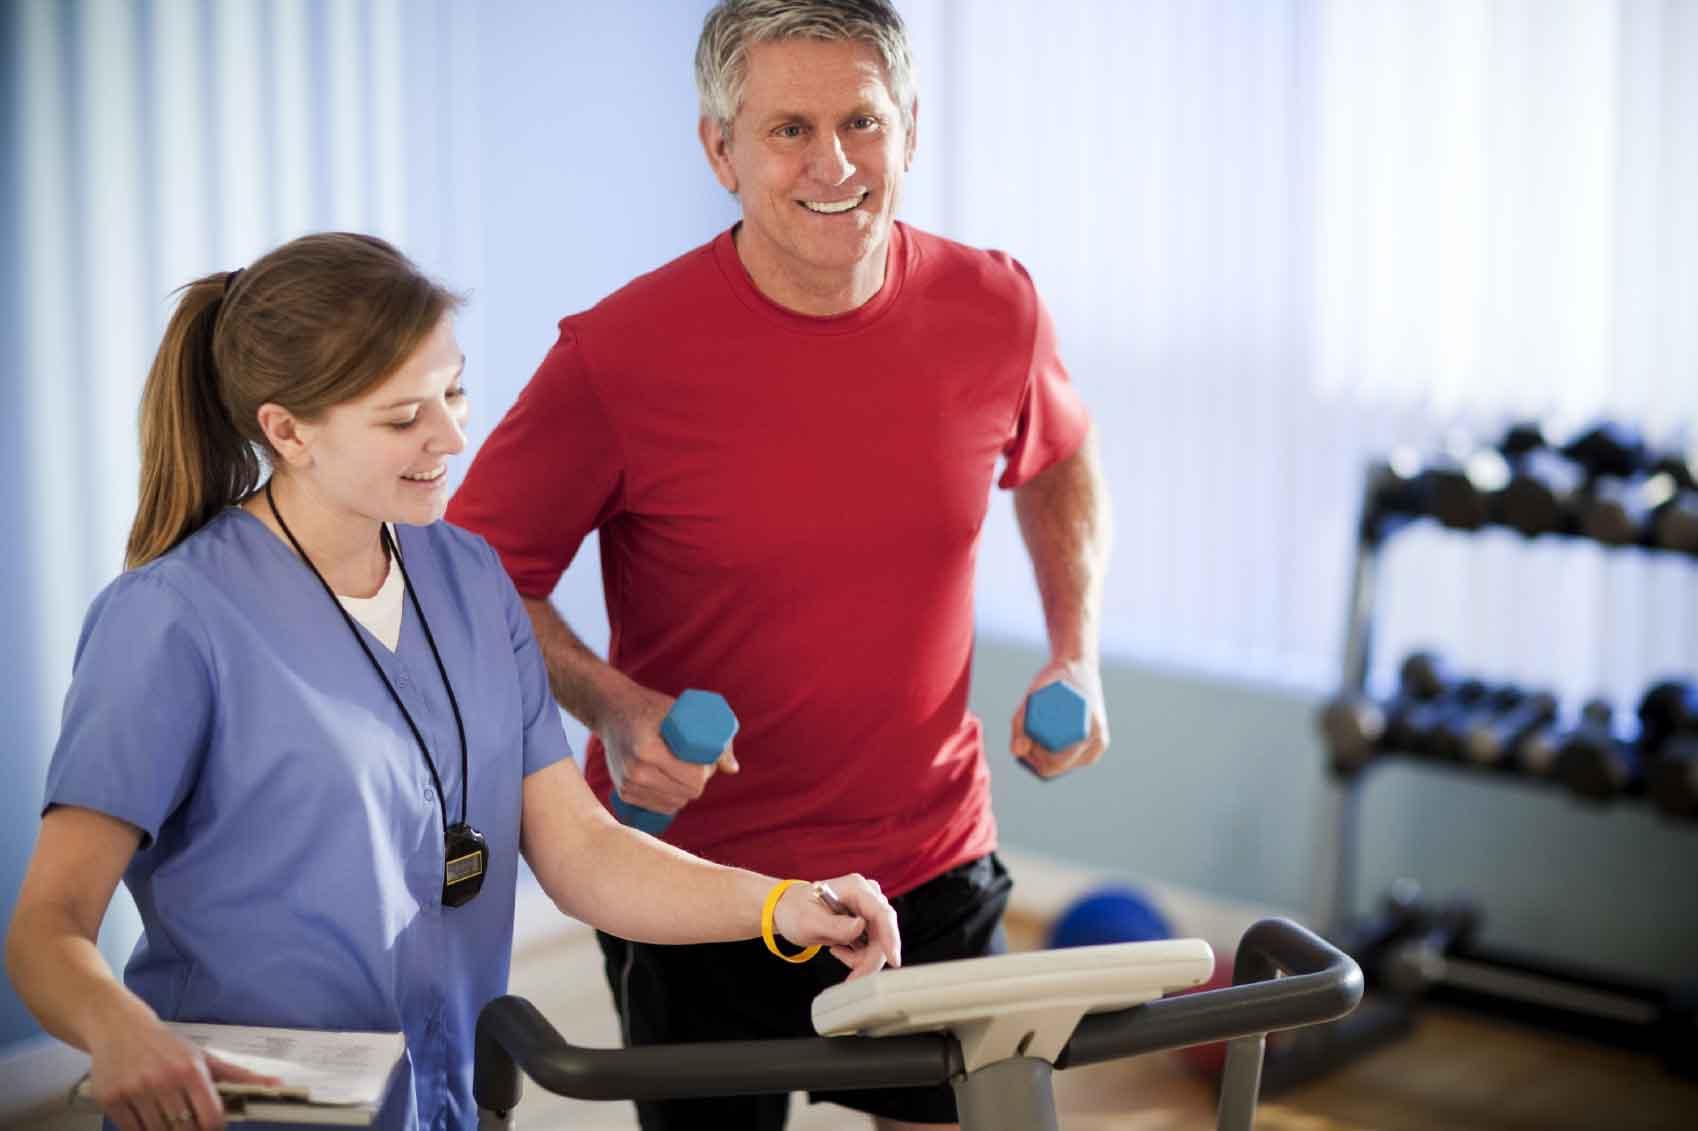 Реабилитация после эндопротезирования тазобедренного сустав: лфк, какие упражнения делать?